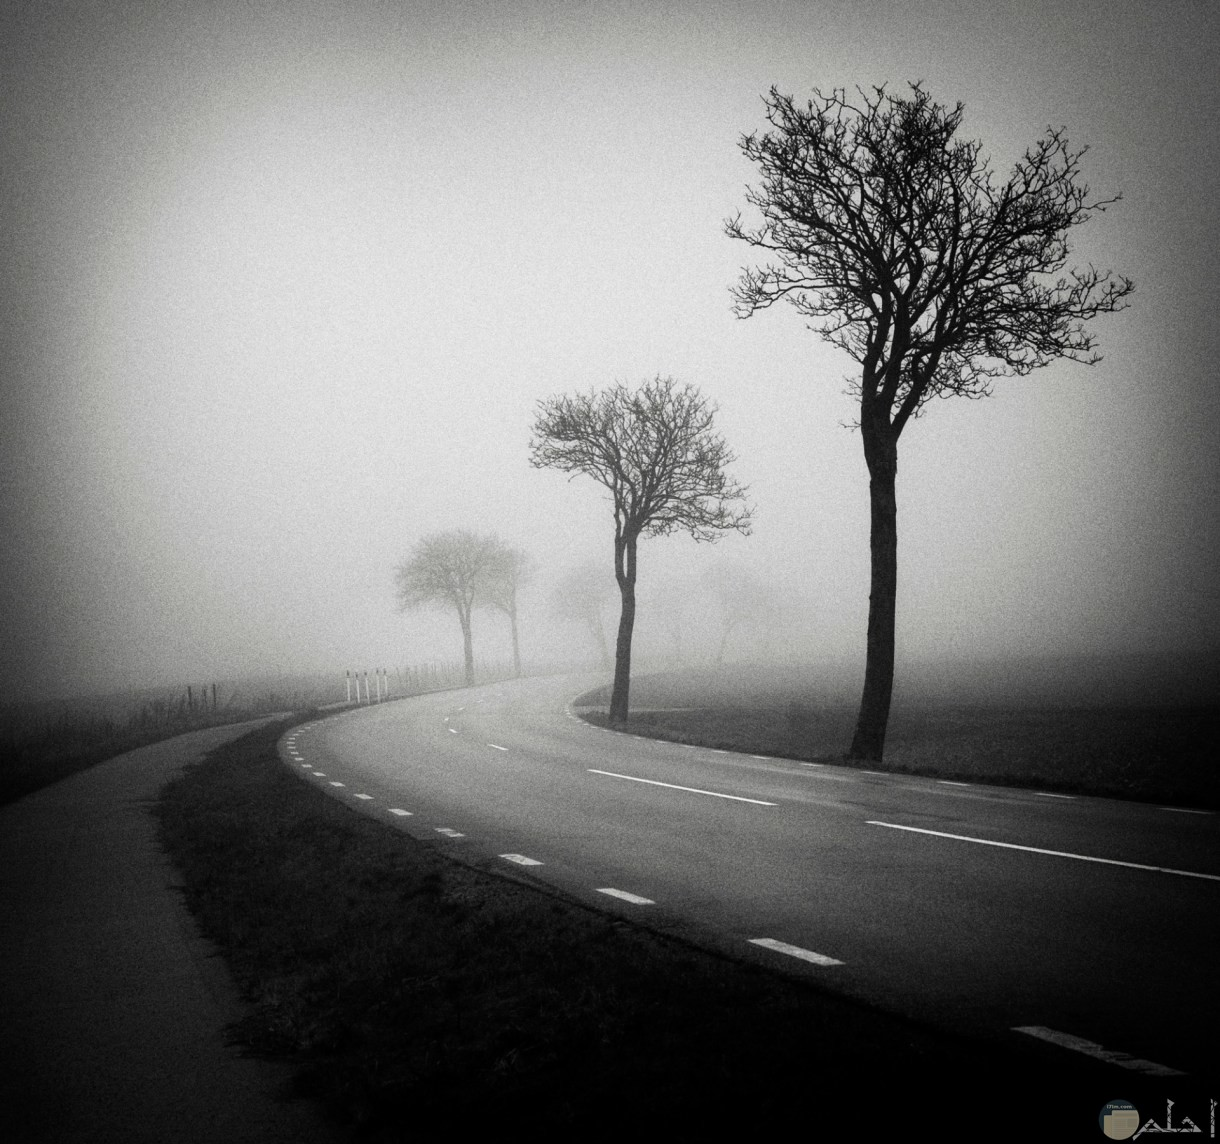 طريق طويل خالي مع رياح شديدة.